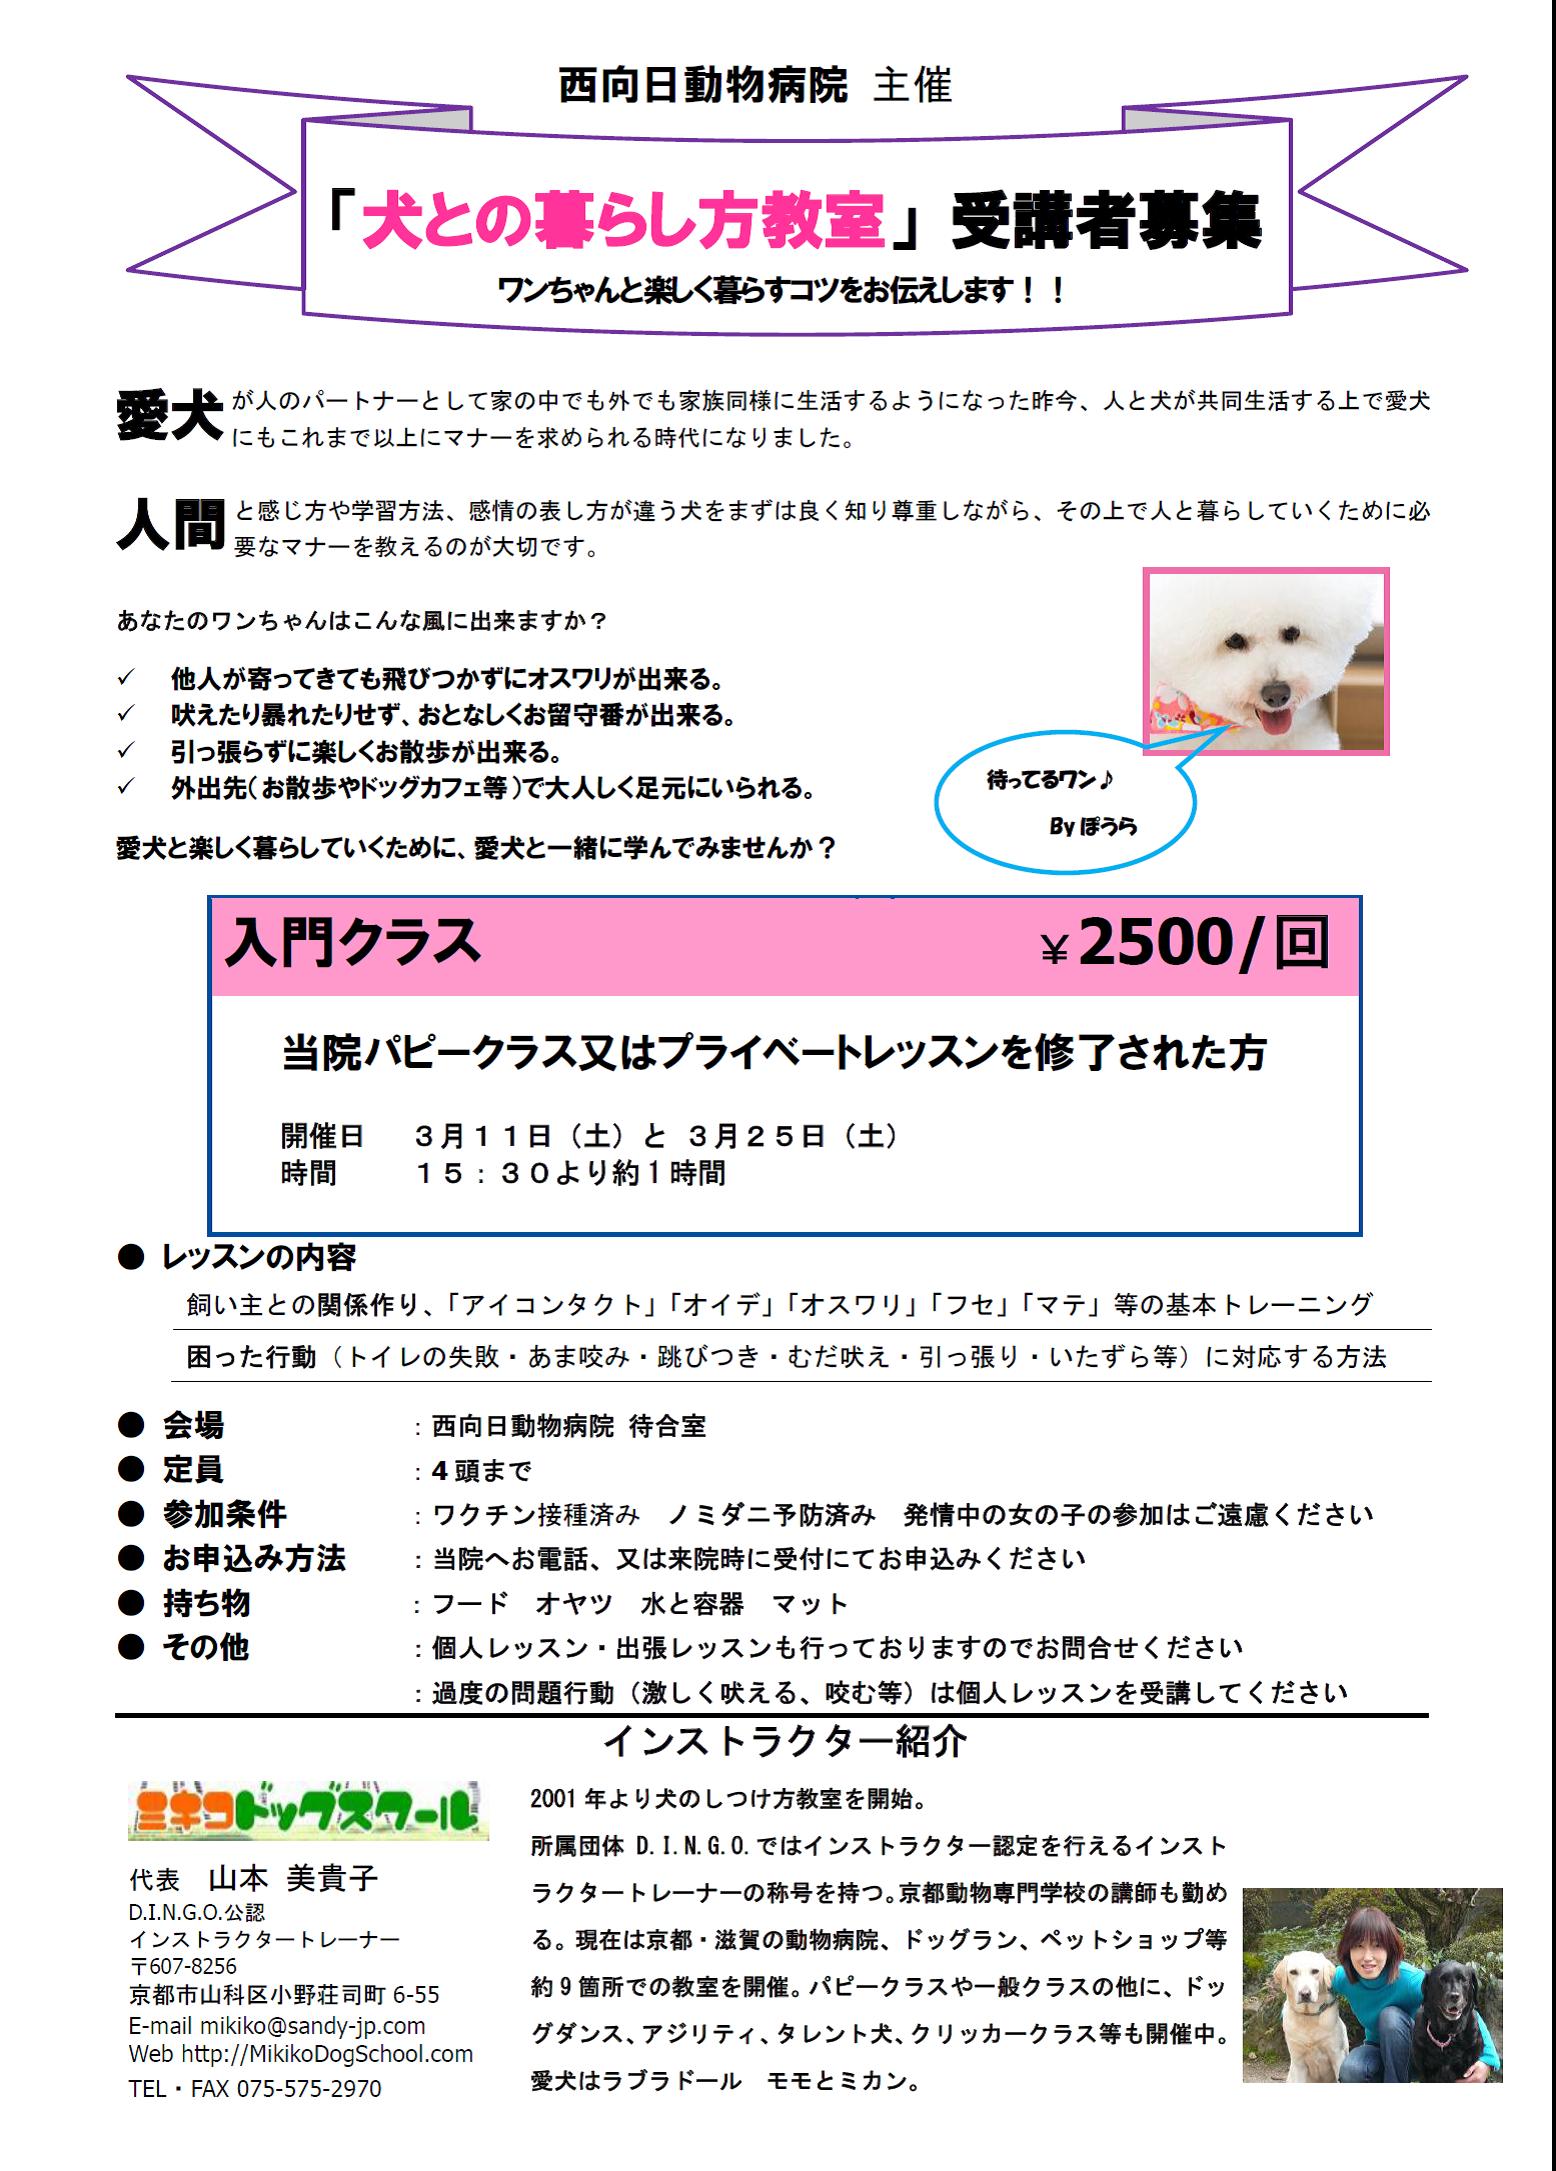 犬との暮らし方教室(3月開催分)参加者募集のお知らせ